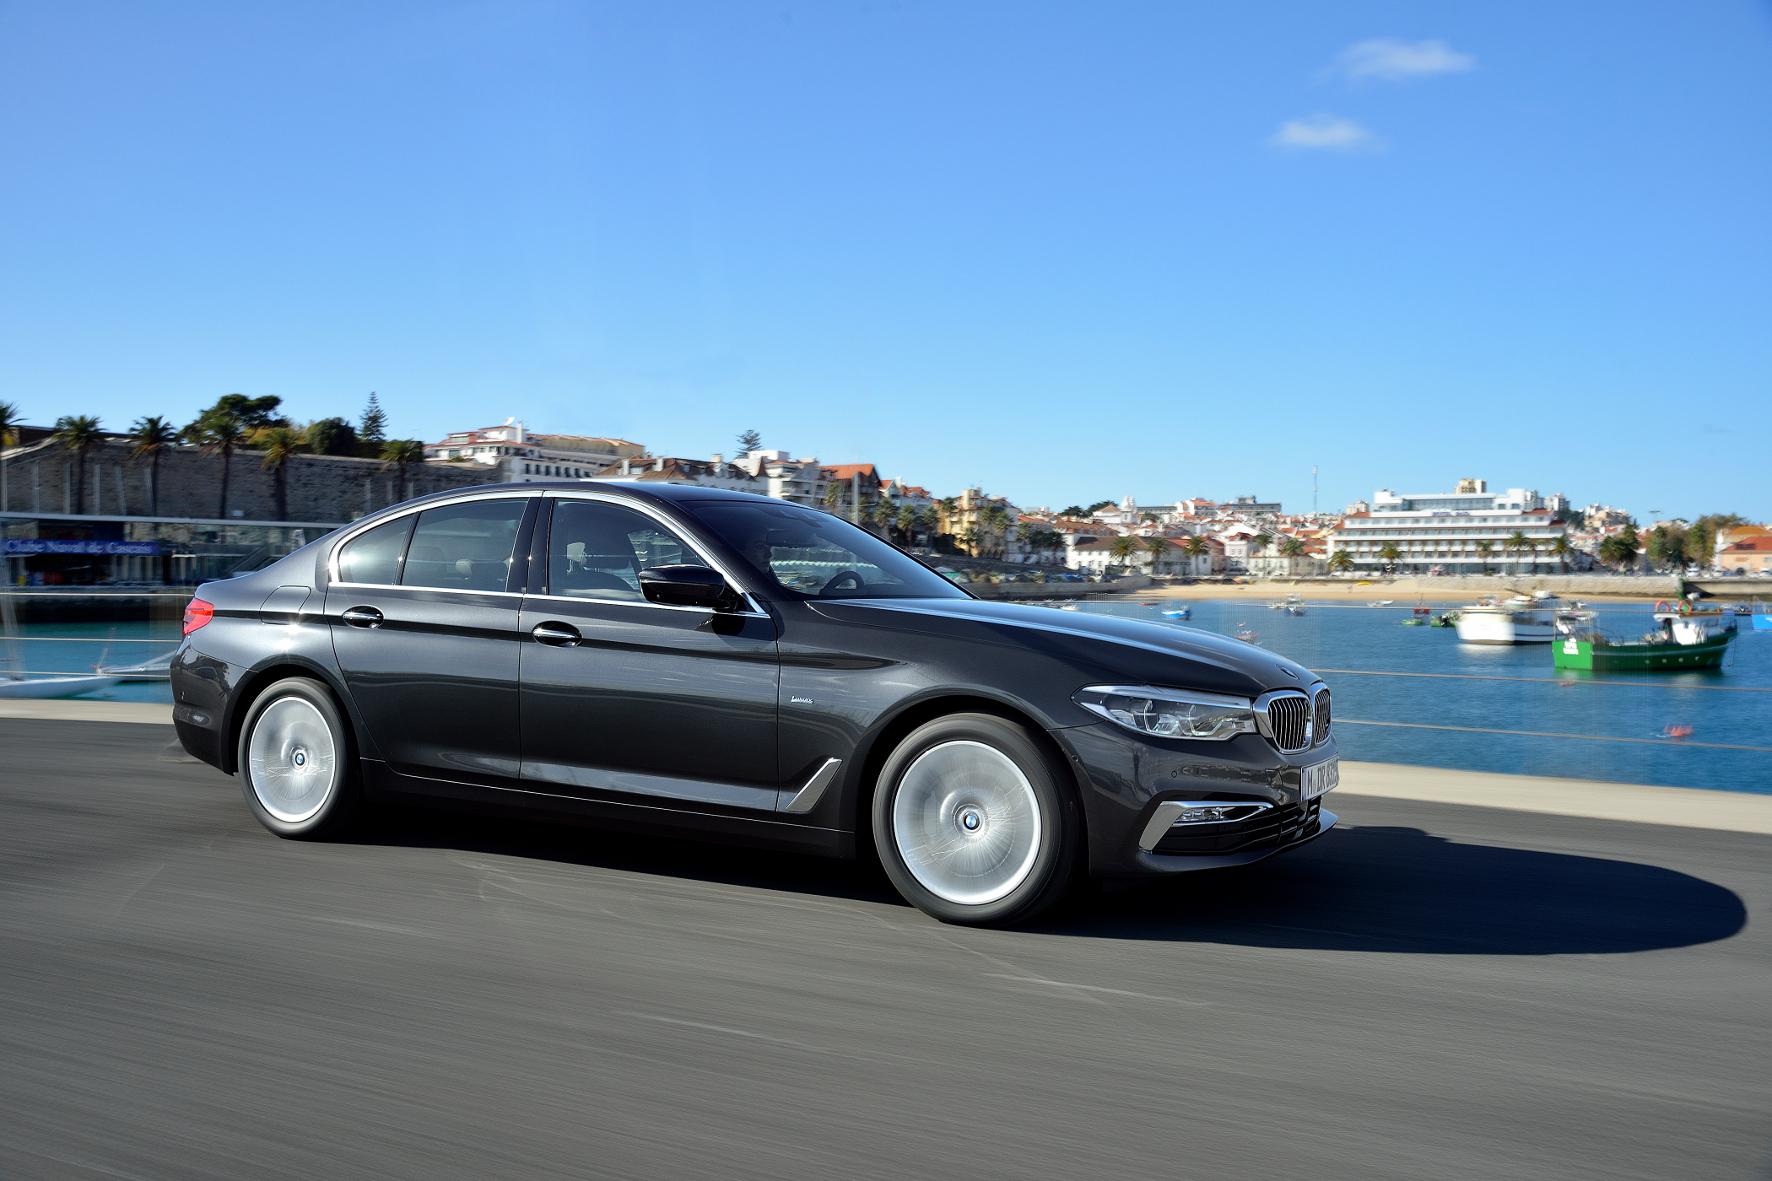 Neuer 5er-BMW: Unerschütterliche Gelassenheit